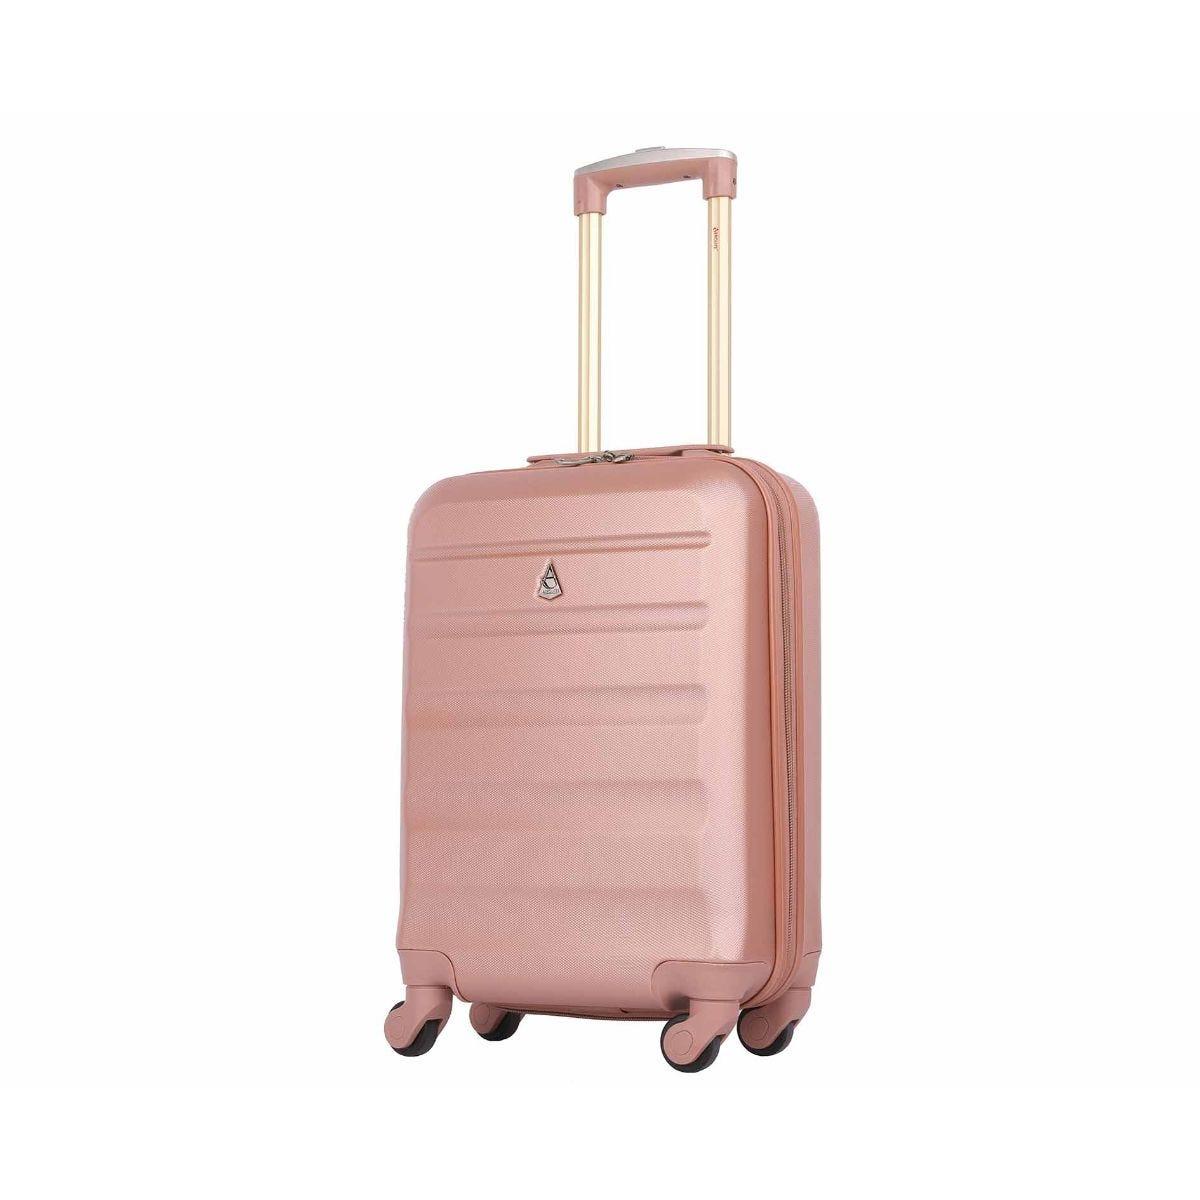 af1319cef78c Travel Bag Brands Uk